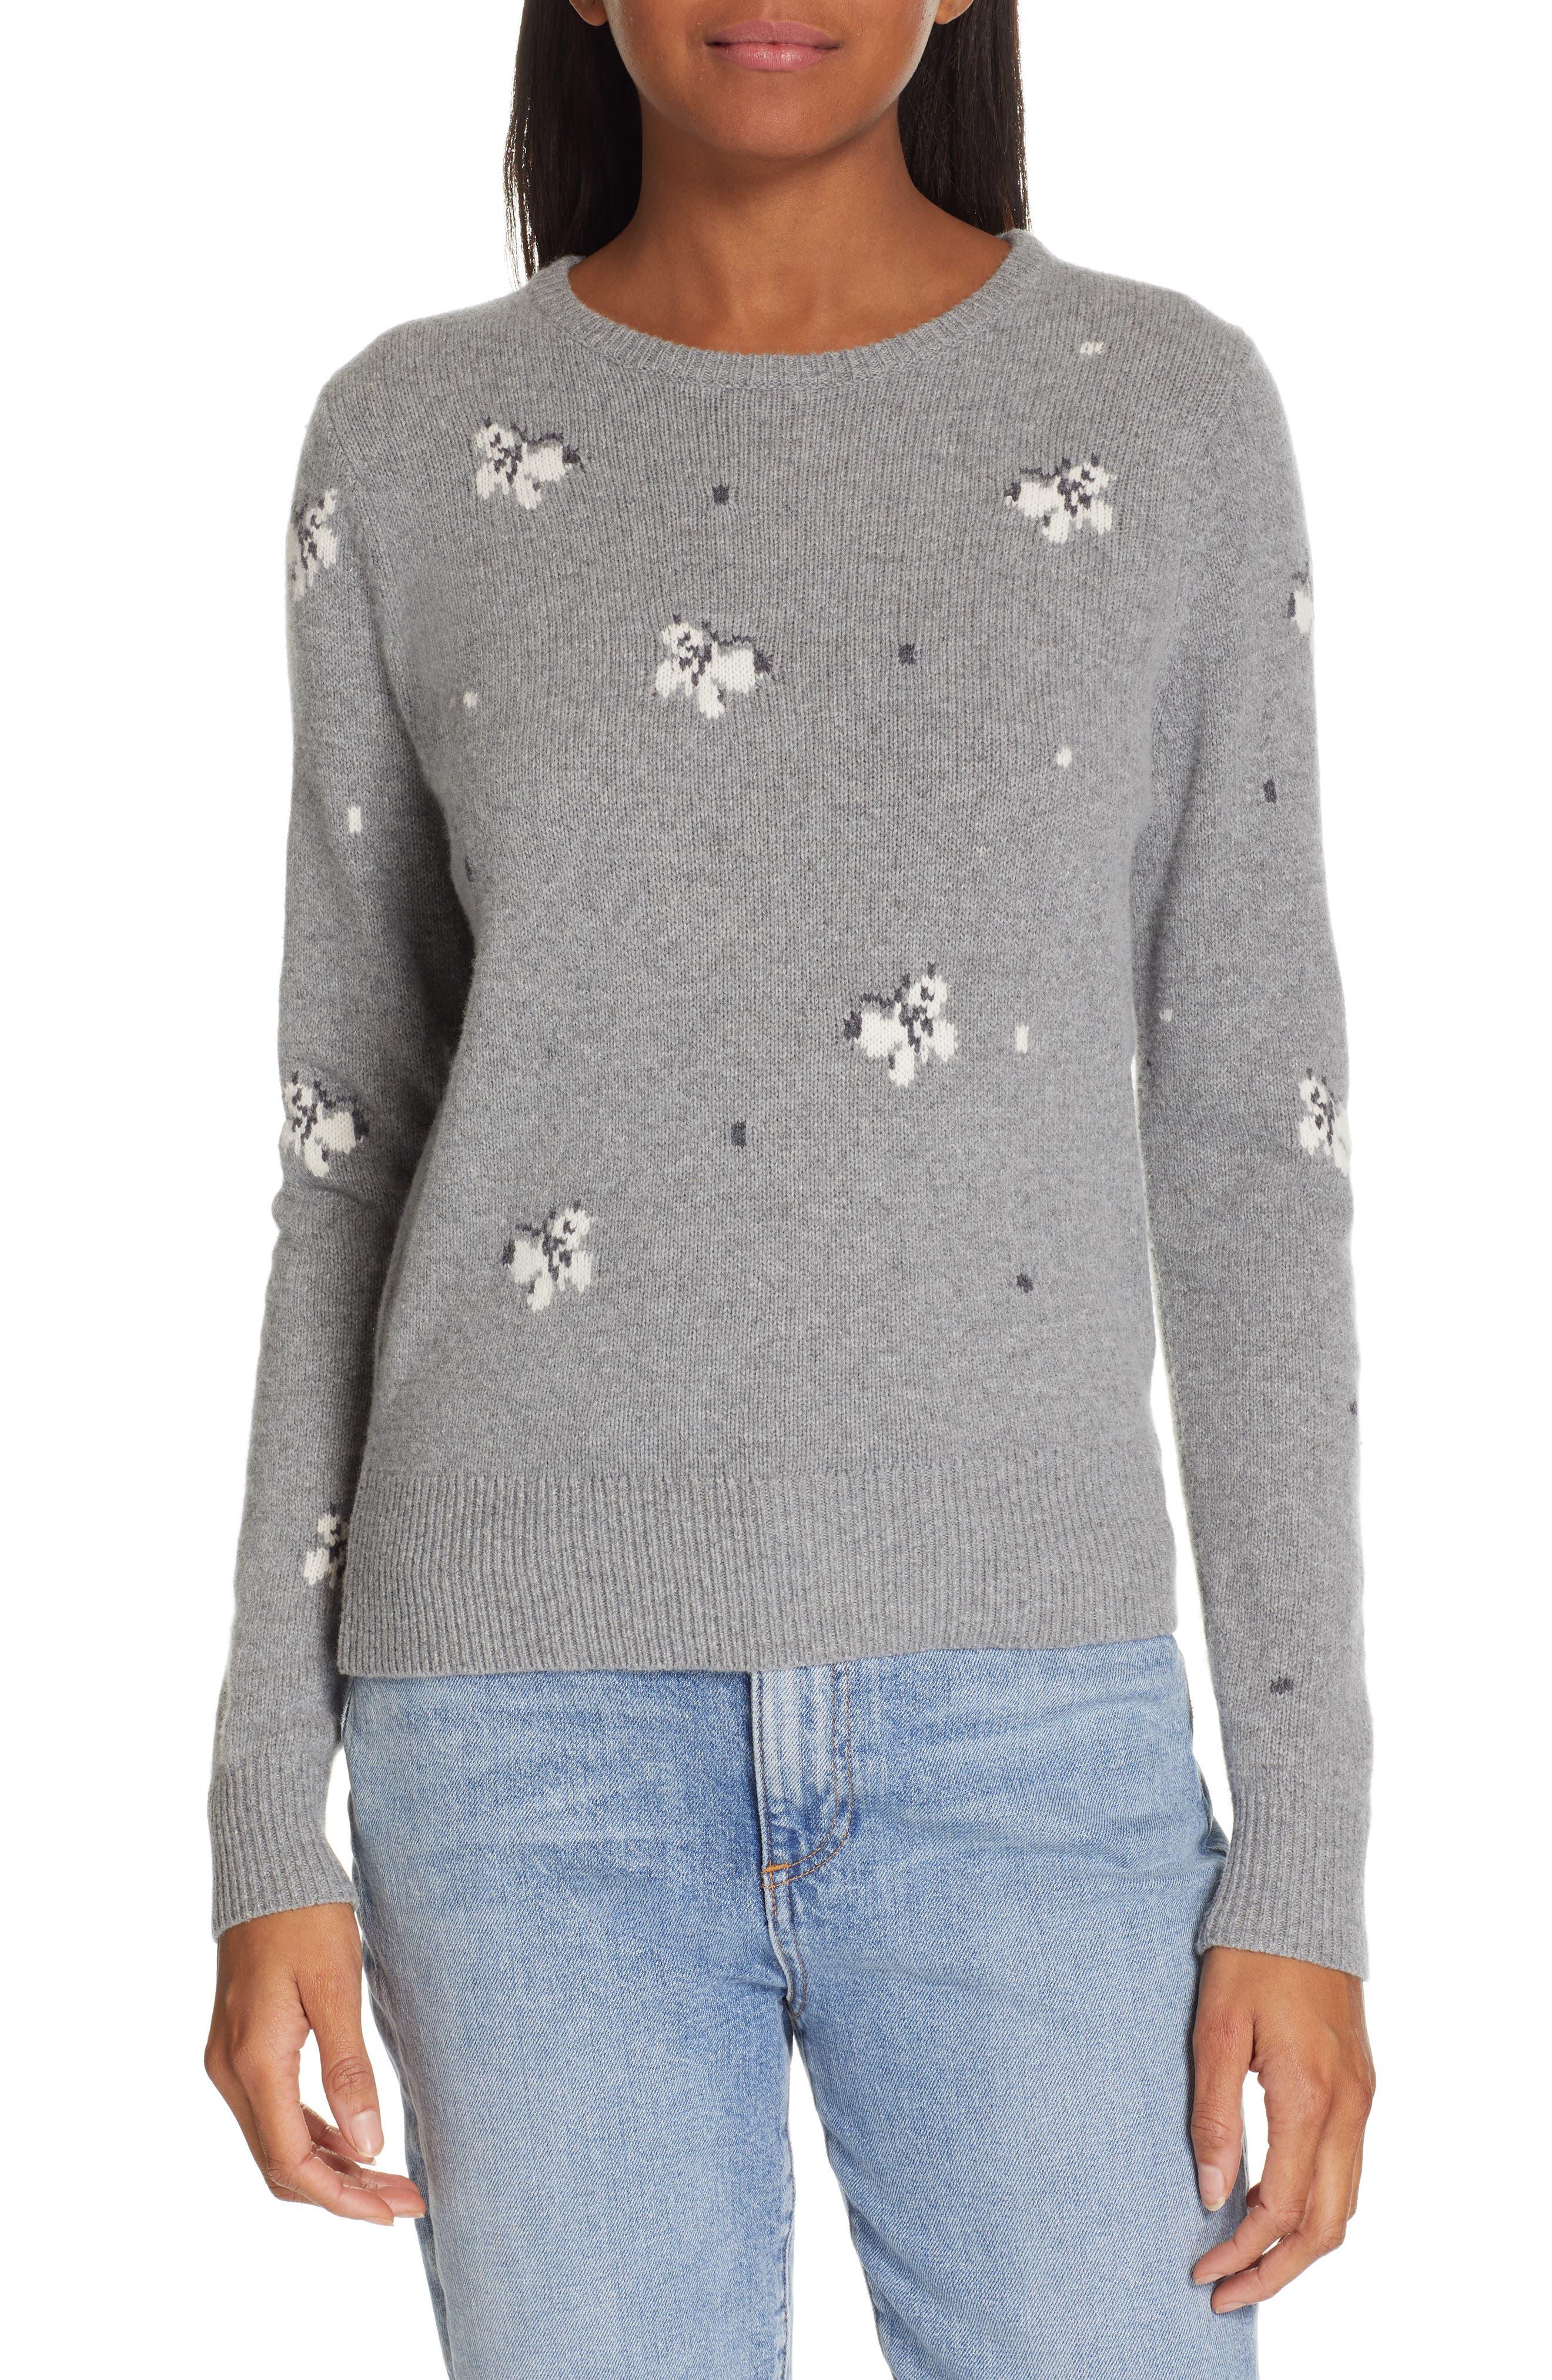 La Vie Rebecca Taylor Butterfly Wool Blend Sweater, Grey